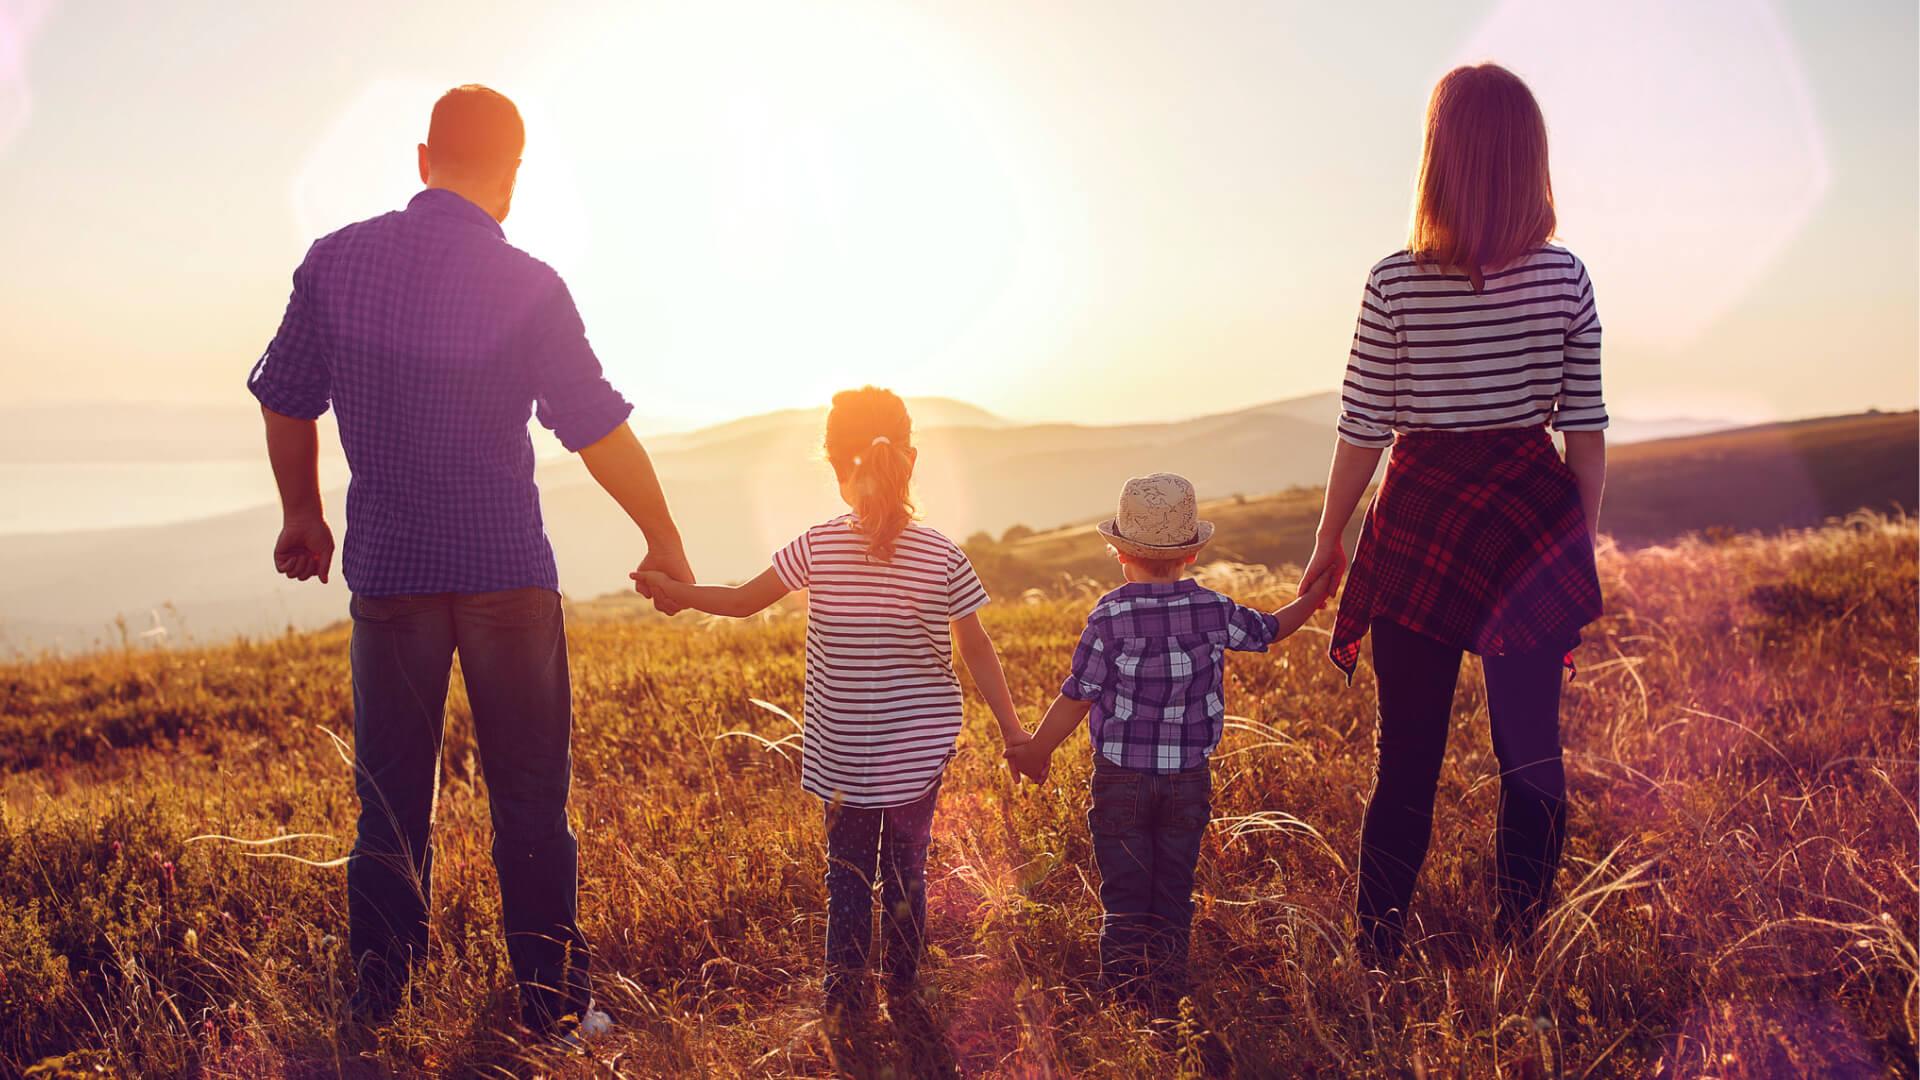 Finanzielle Zukunftsplanung und Altersvorsorge: Eine junge Familie schaut der Zukunft entgegen